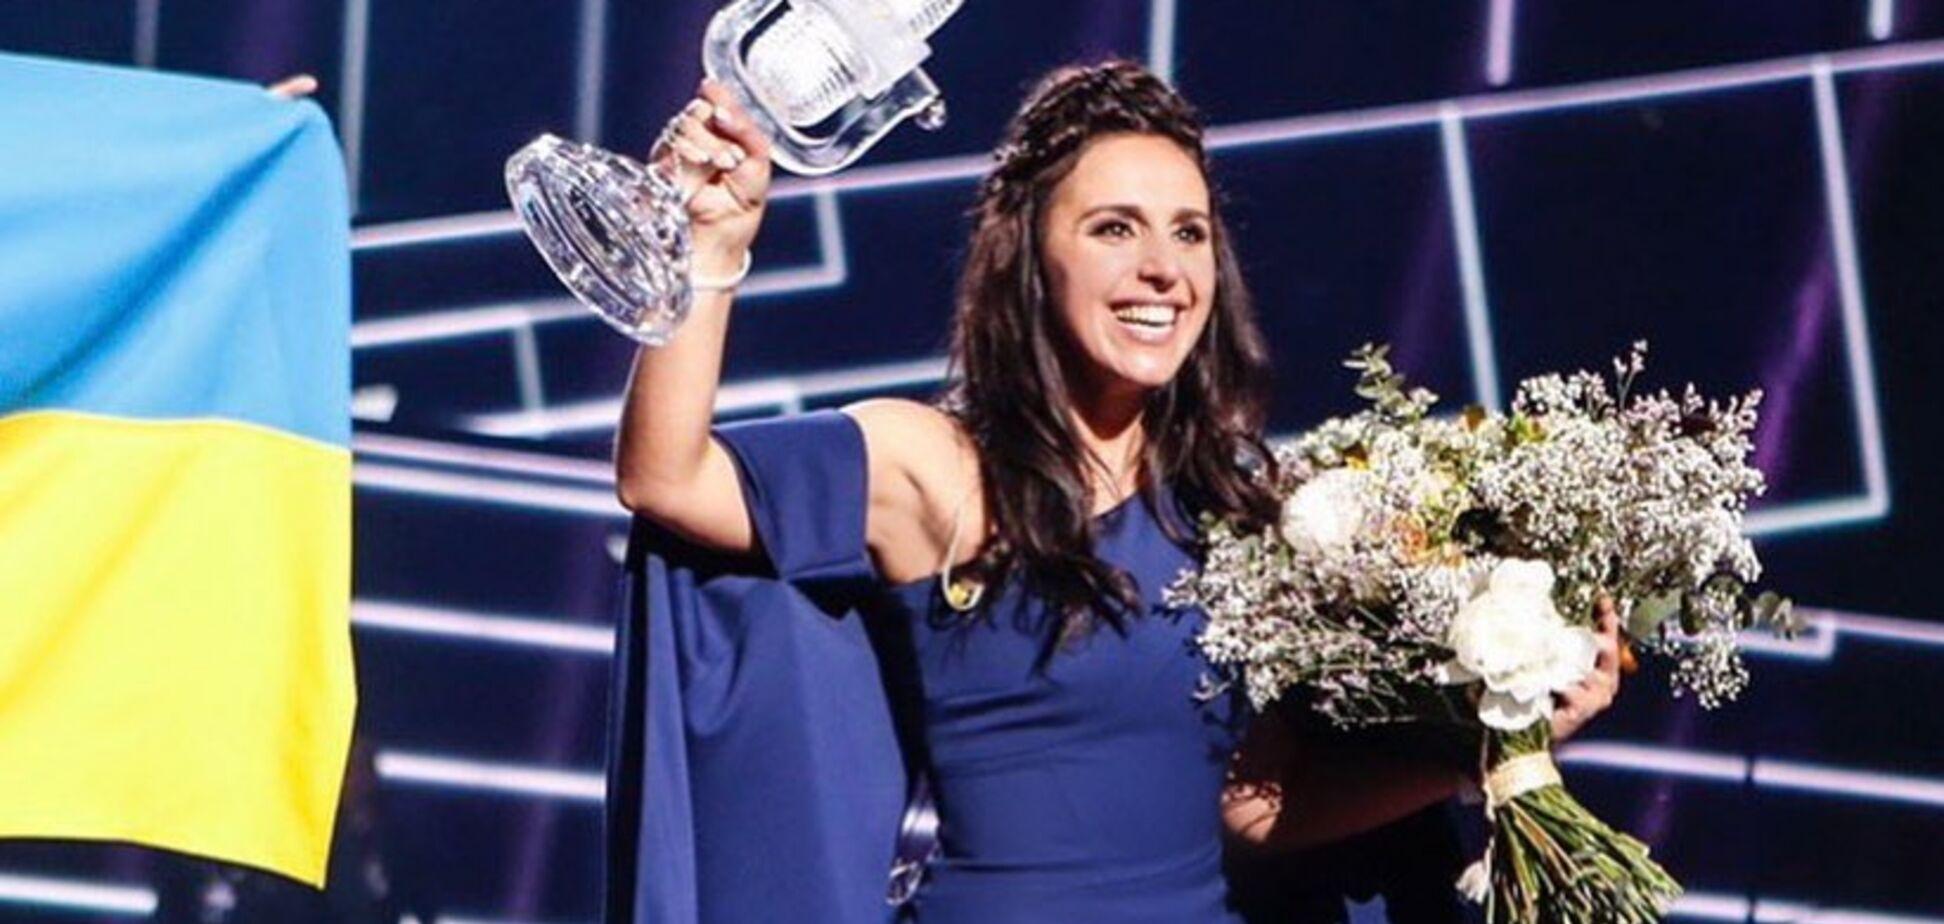 Євробачення-2020: Джамала вразила виконанням пісні онлайн